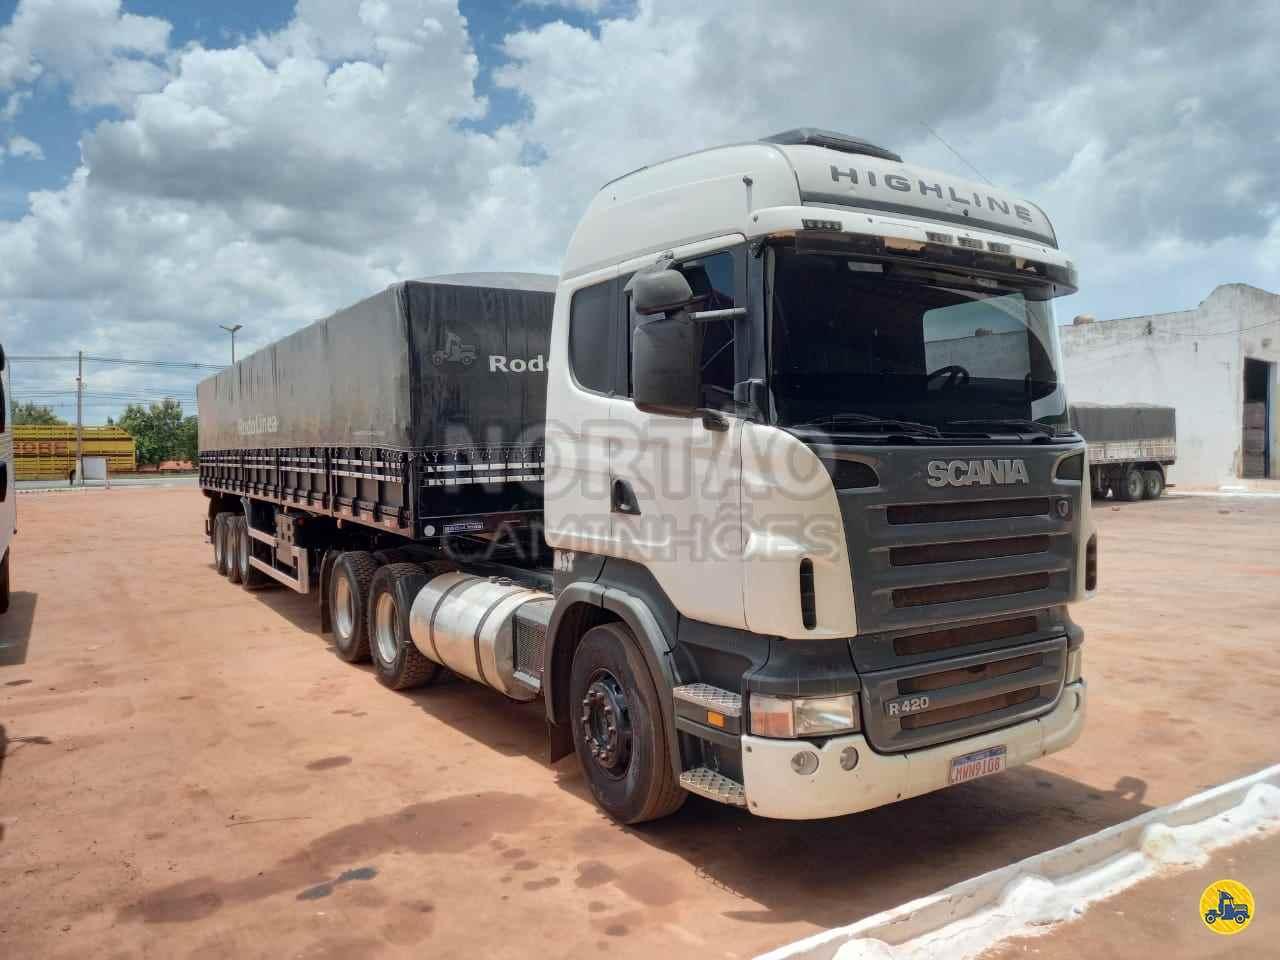 CAMINHAO SCANIA SCANIA 420 Graneleiro Truck 6x2 Nortão Caminhões VARZEA GRANDE MATO GROSSO MT